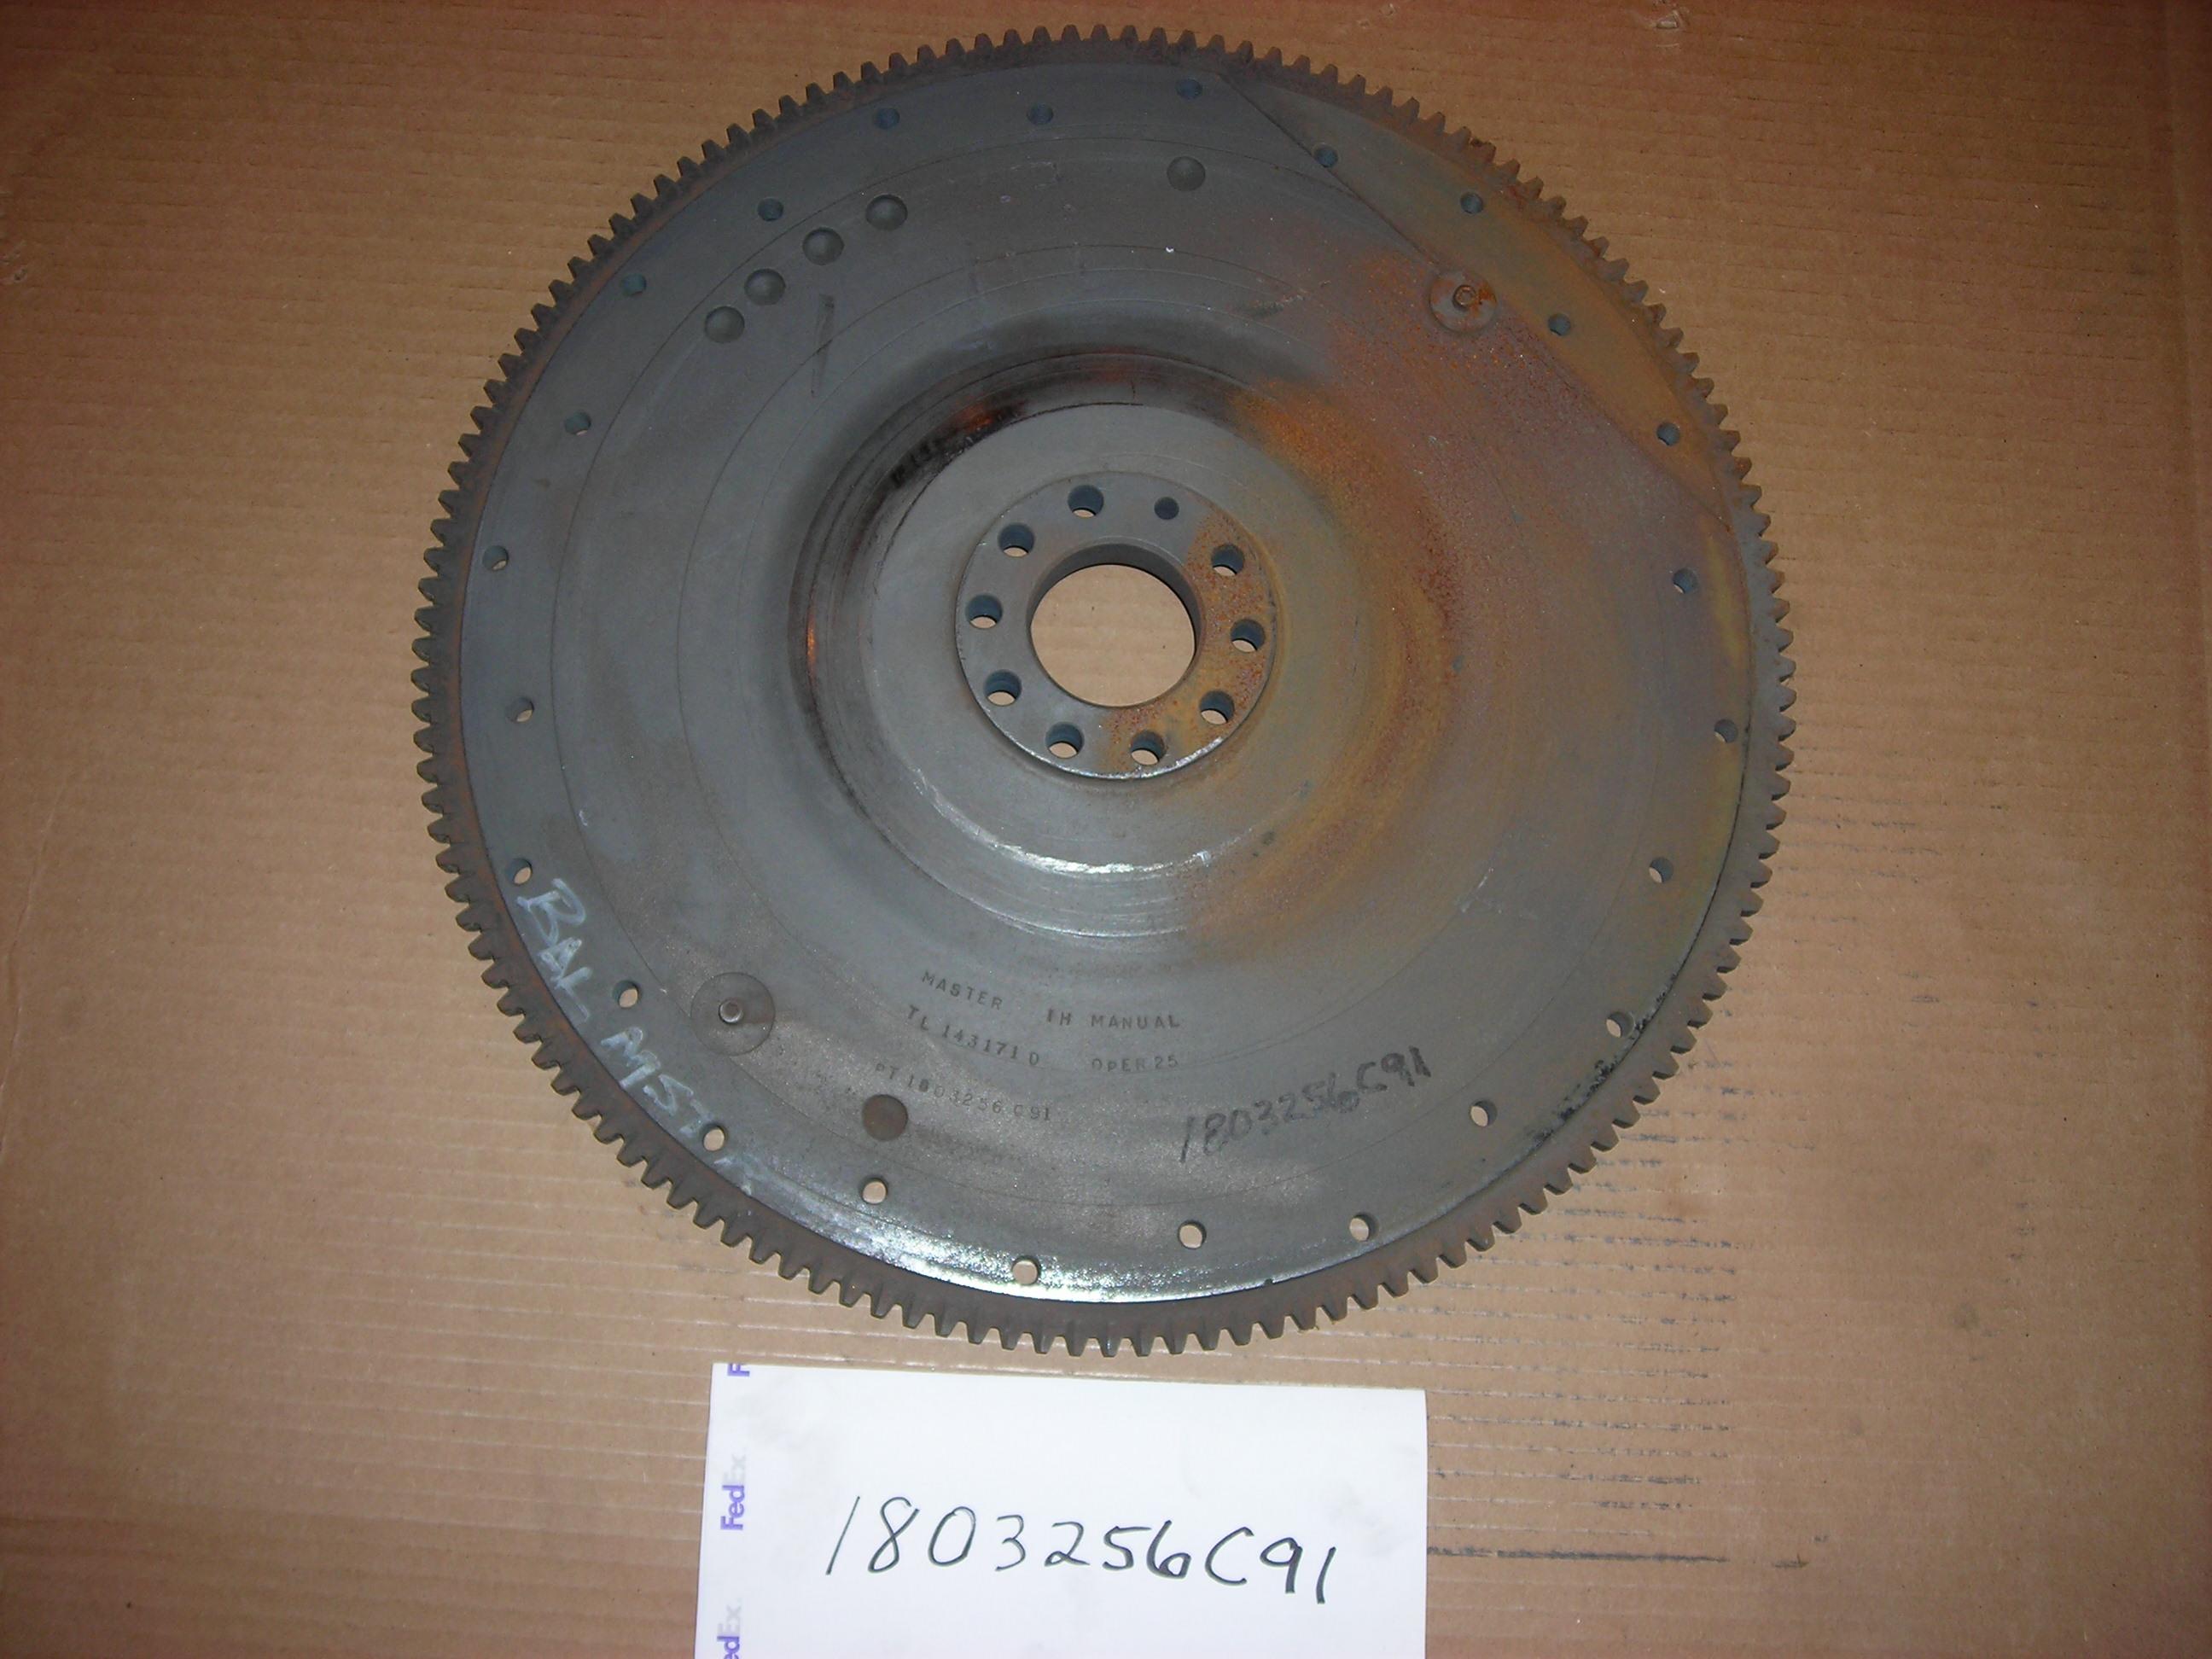 1803256C91 Navistar International Flywheel Rear